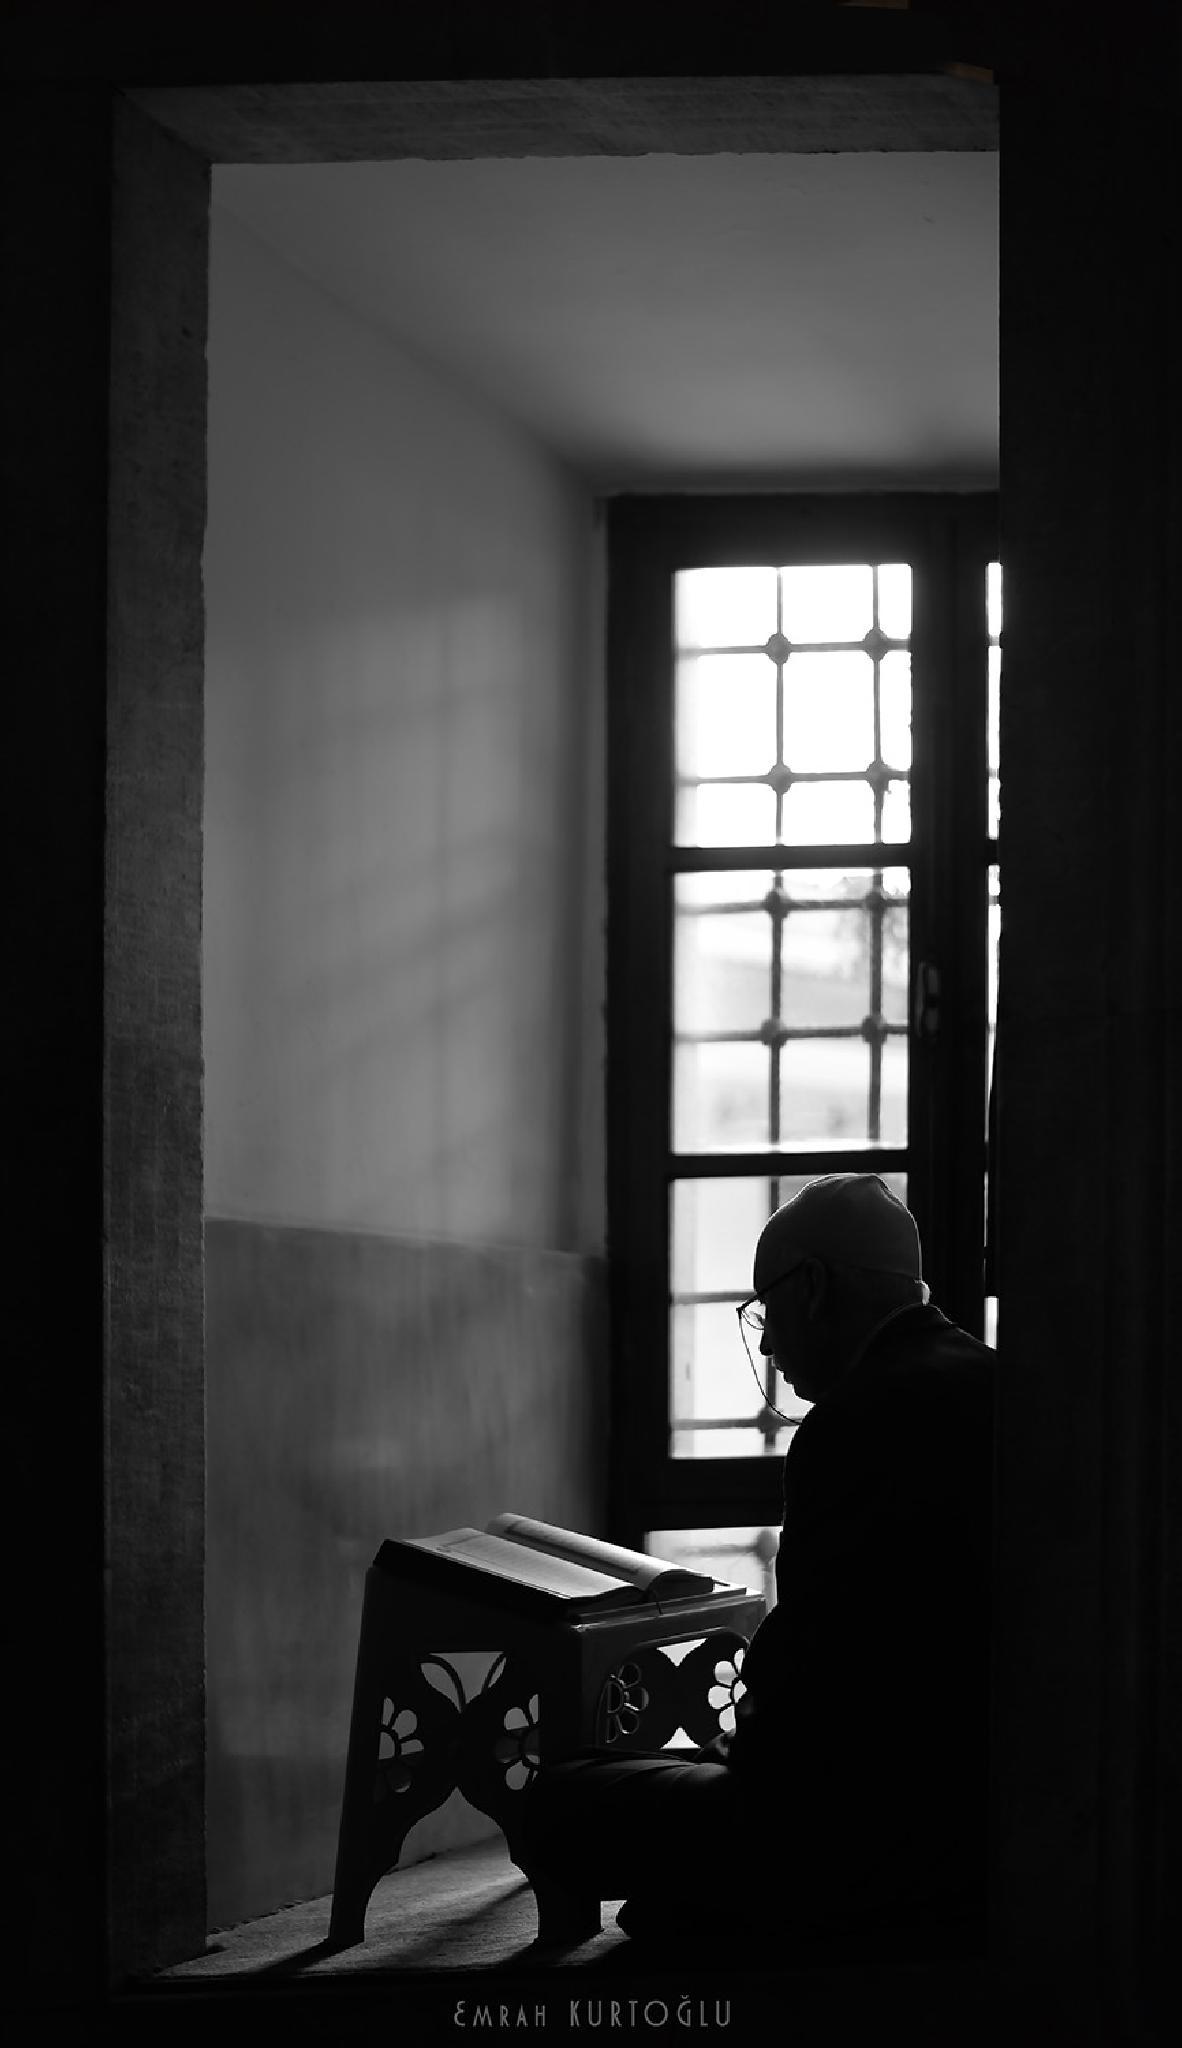 O'nun Evi, Kitabı ve Kulu by EmrahKurtoglu